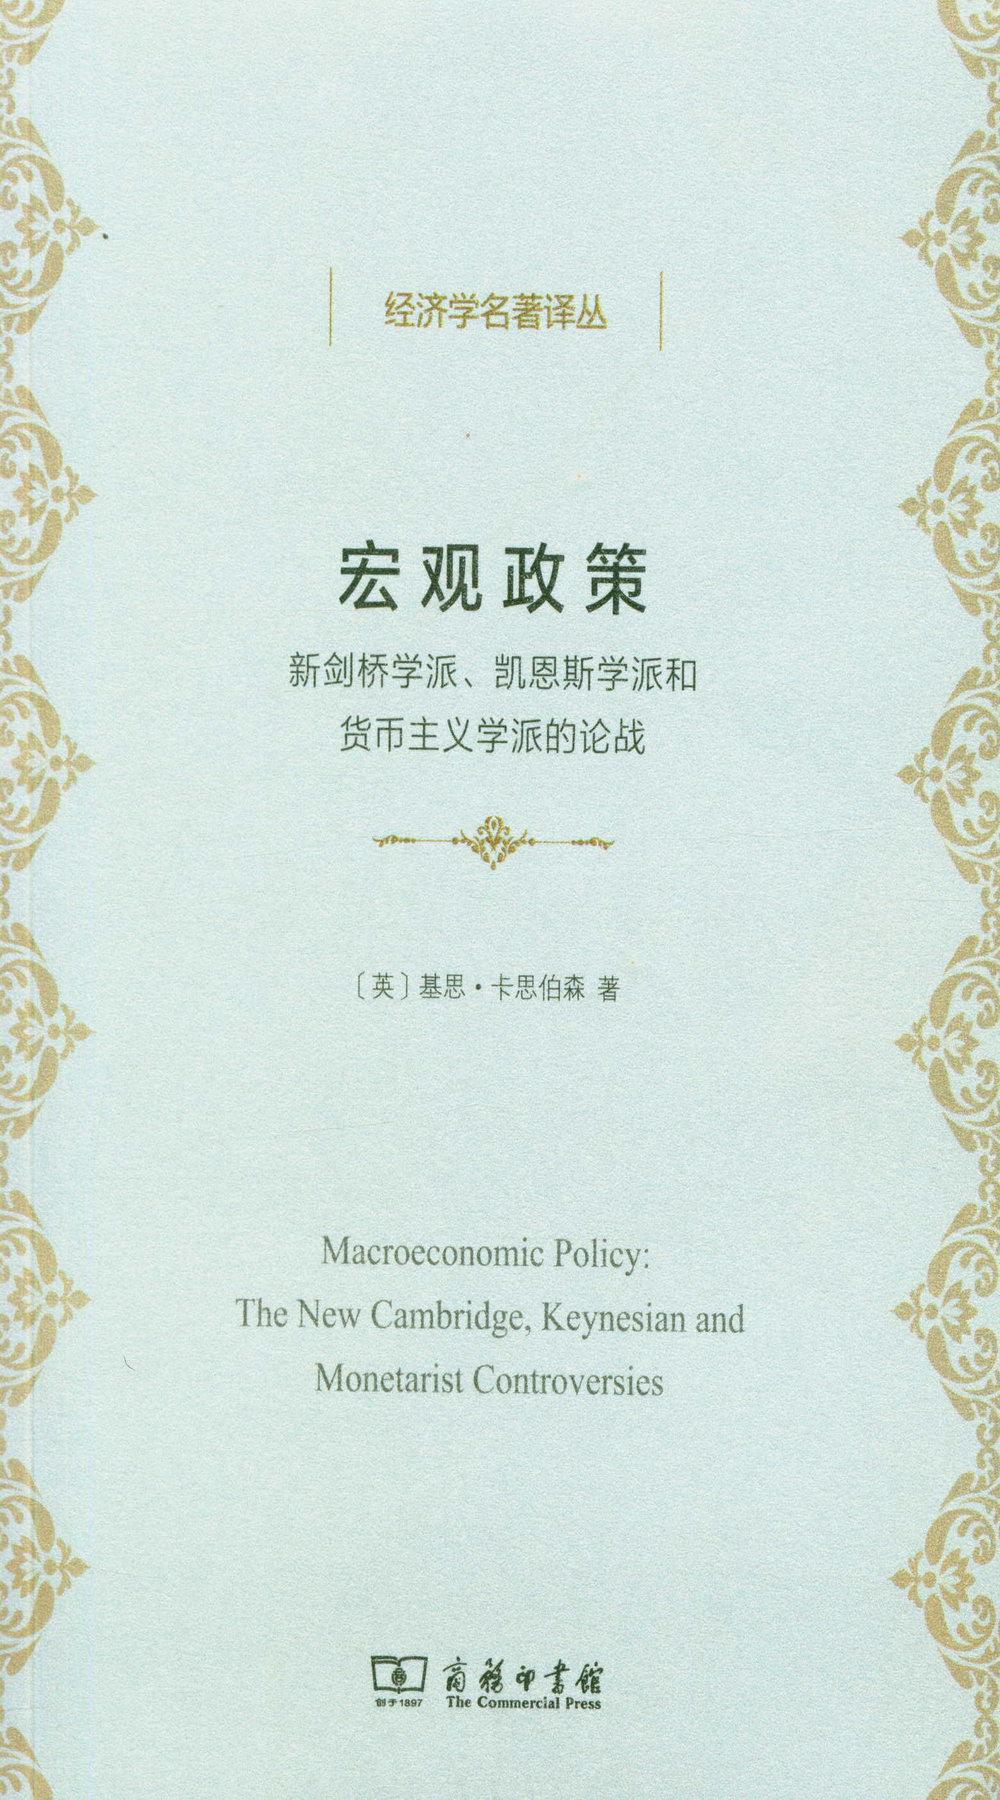 宏觀政策:新劍橋學派、凱恩斯學派和貨幣主義學派的論戰